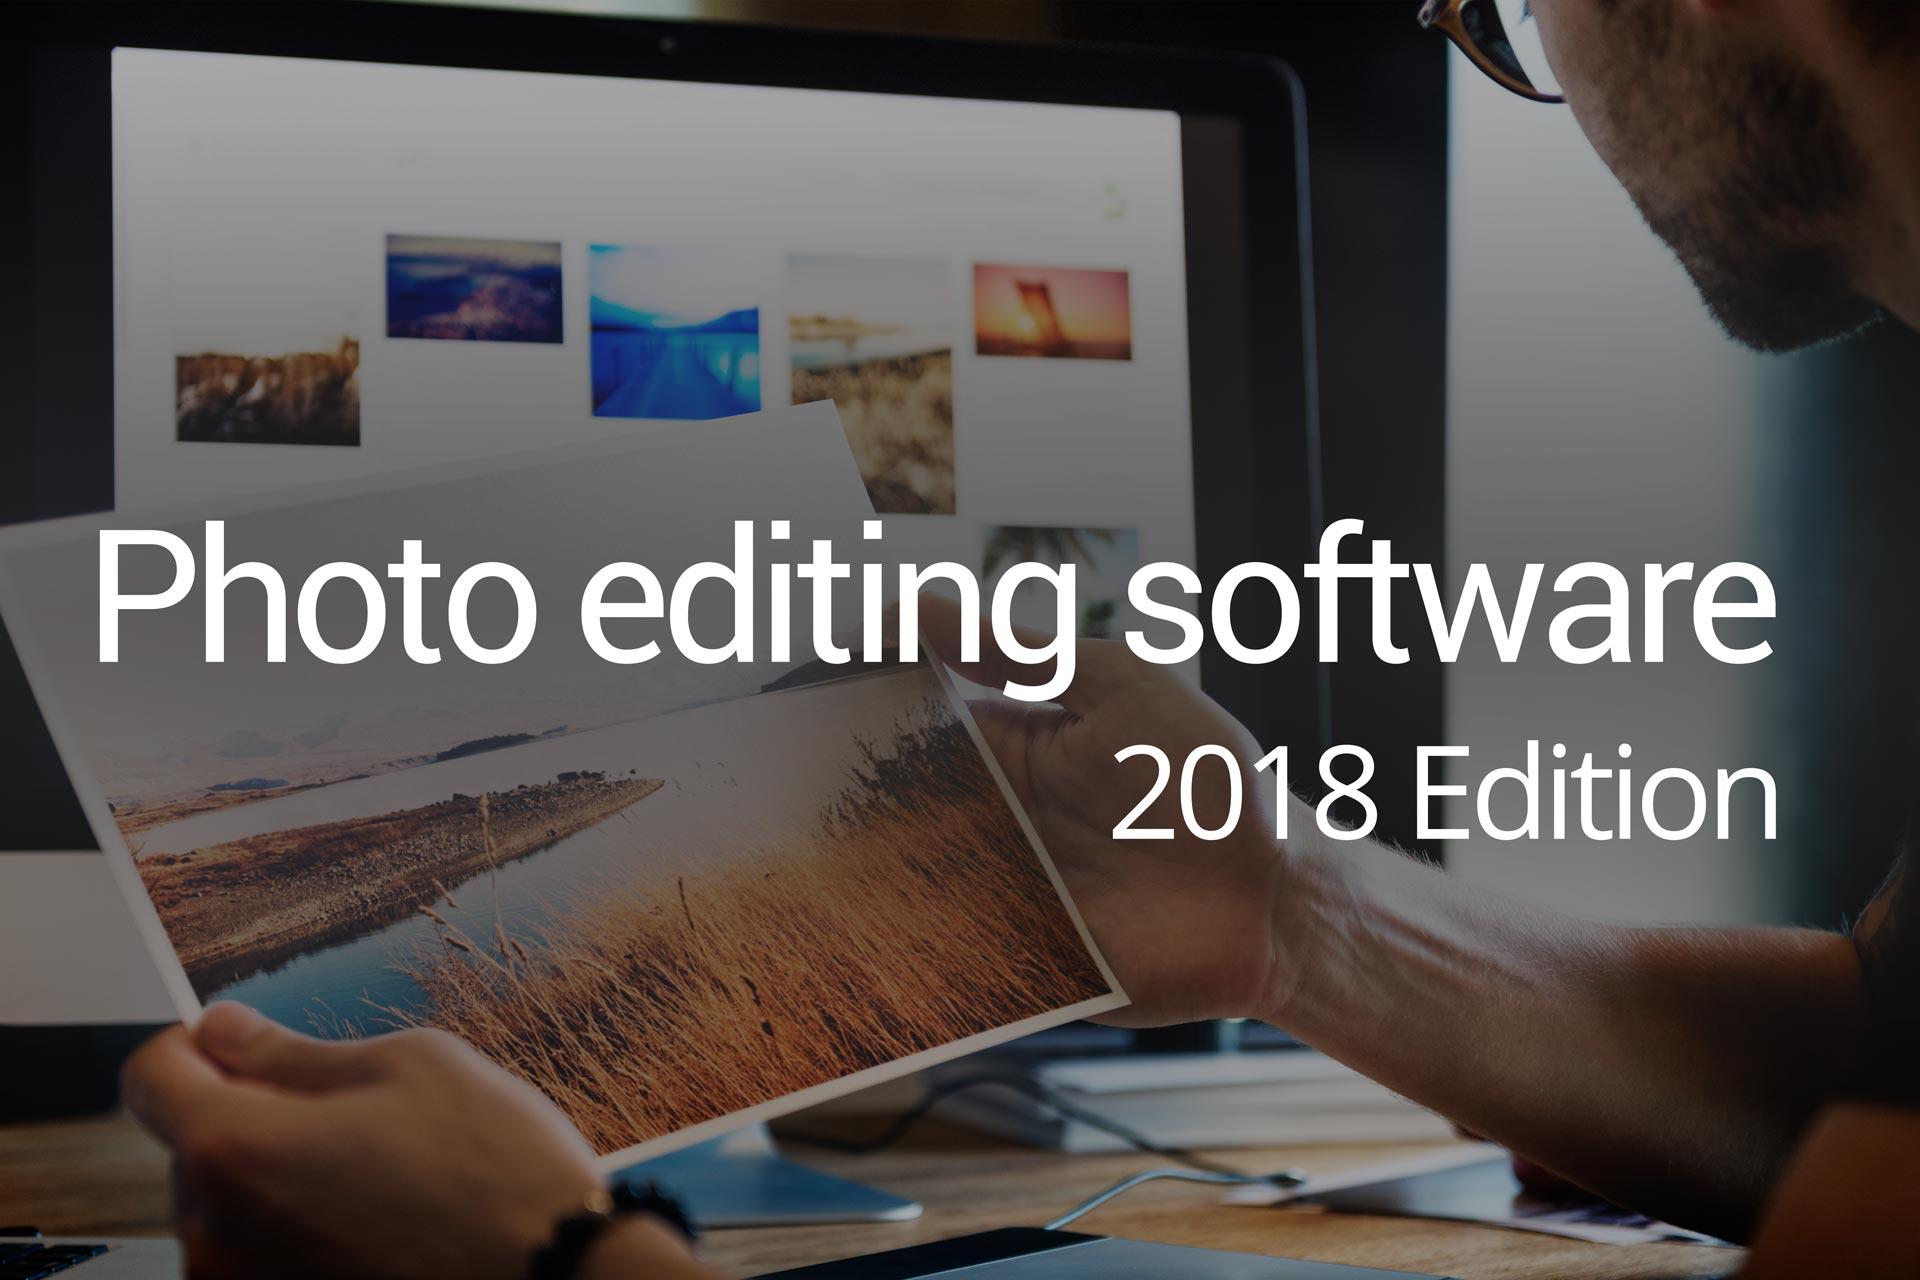 Photo editing software 2018